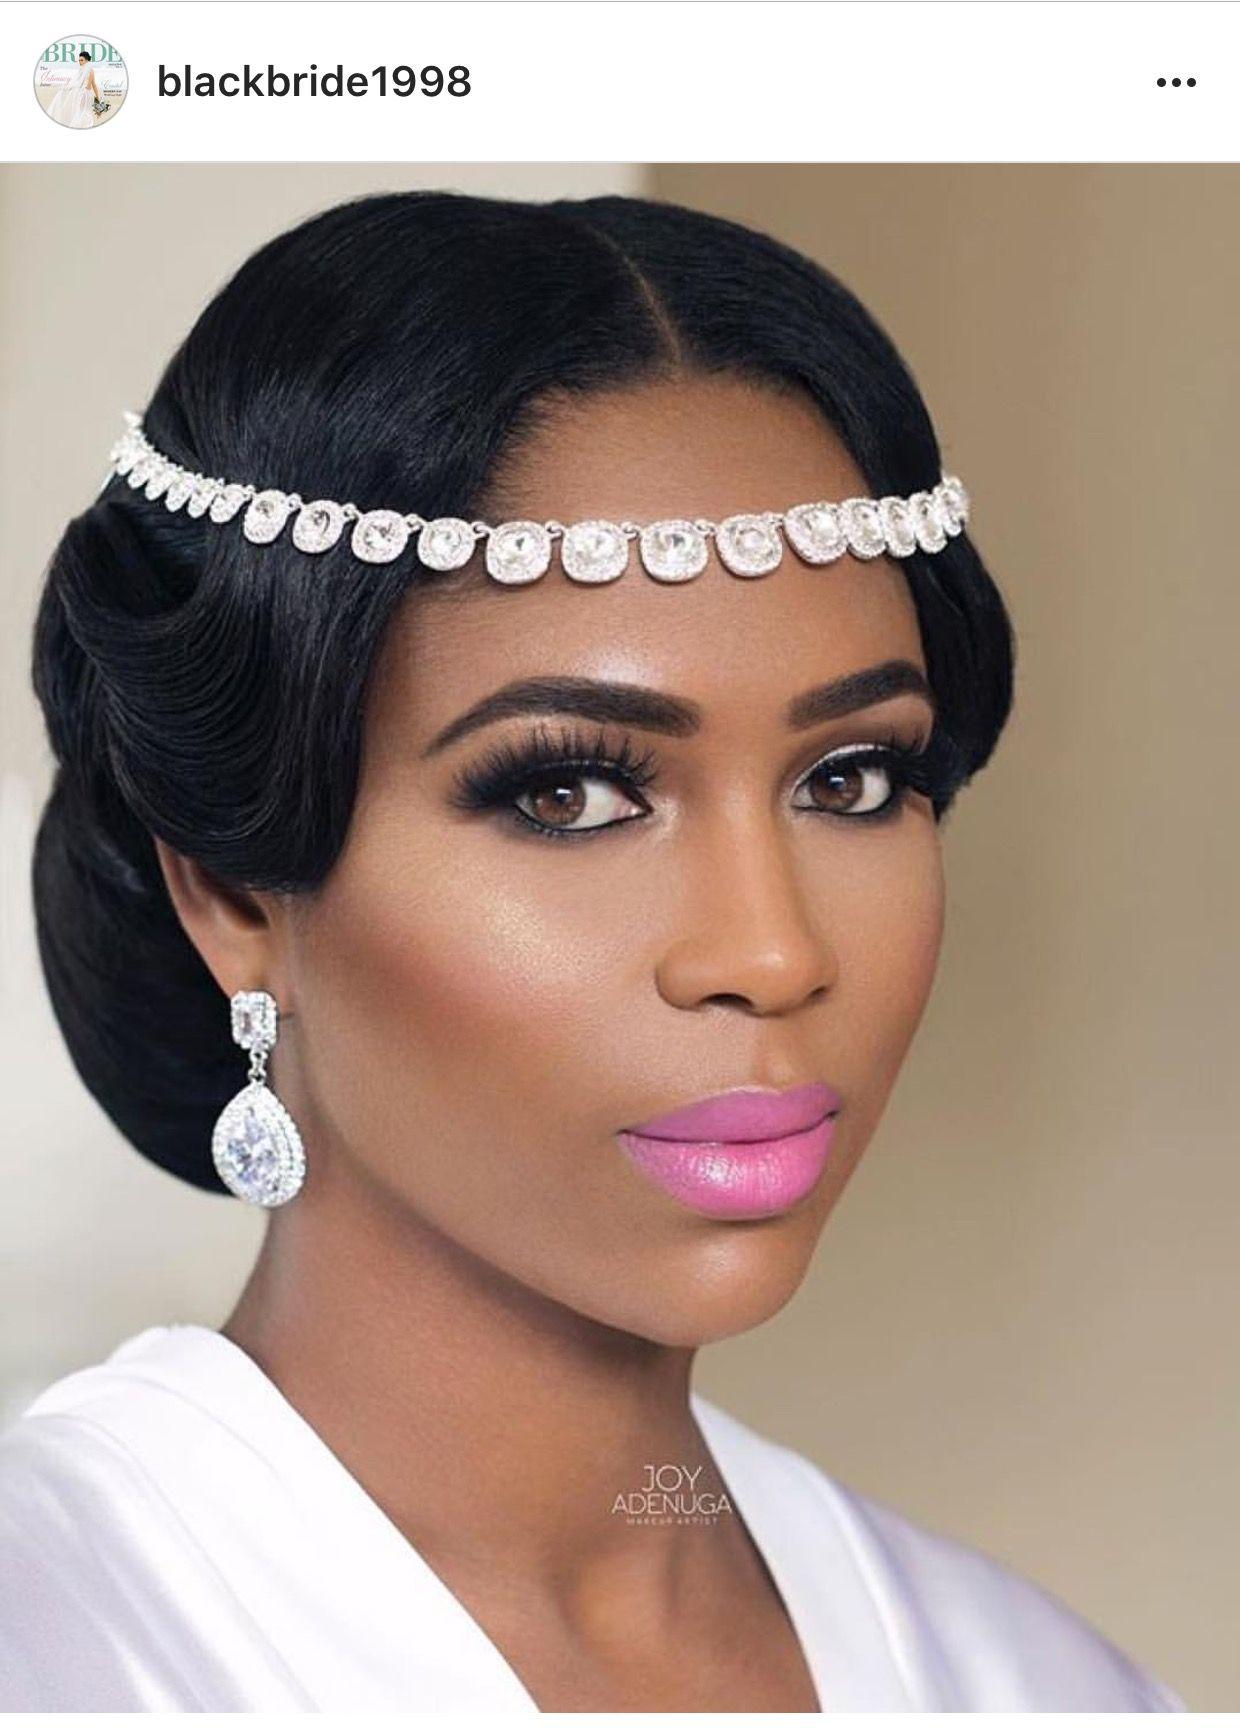 pin by zhanellepridgen on hair and beauty in 2019   black